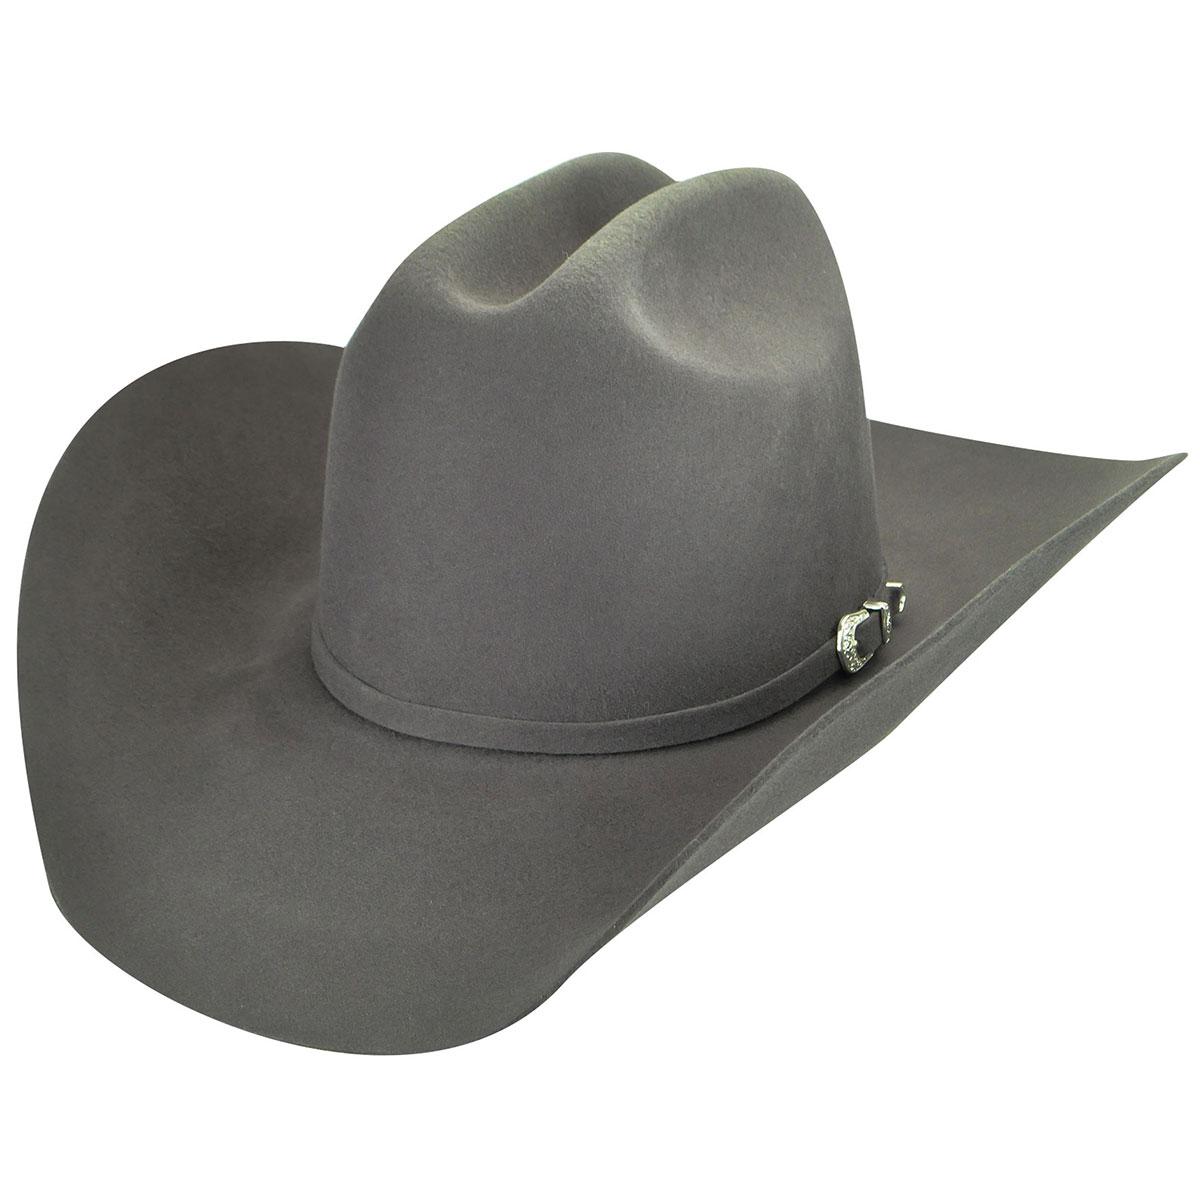 Wheeler 3X Western Hat - Stag/7 1/4